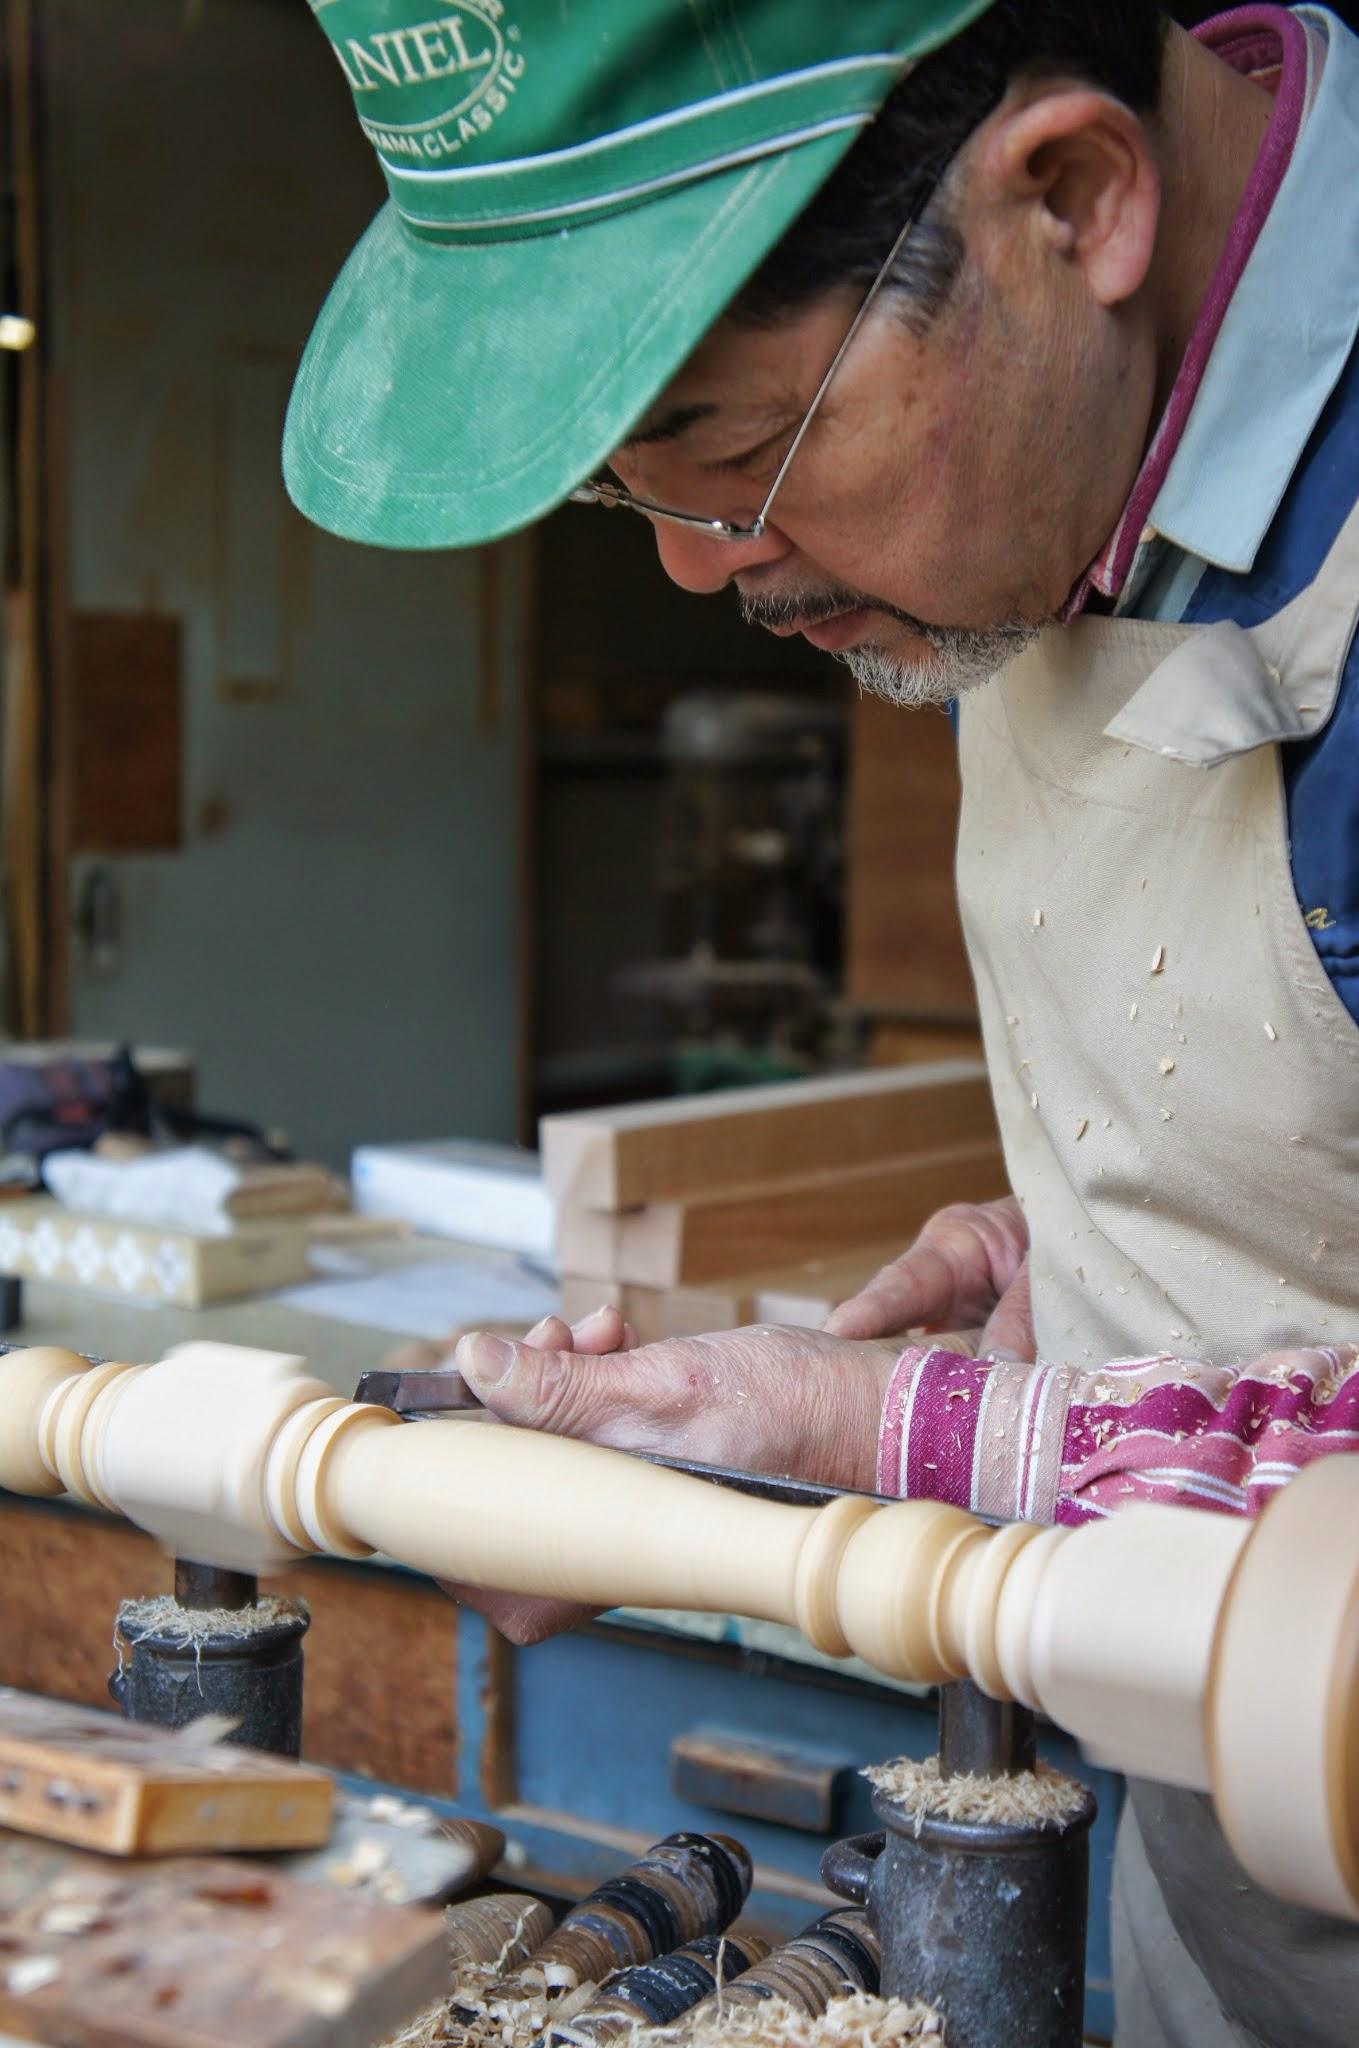 職人が長年培ってきた技術がどんな家具でも修理するという家具の病院を支えている